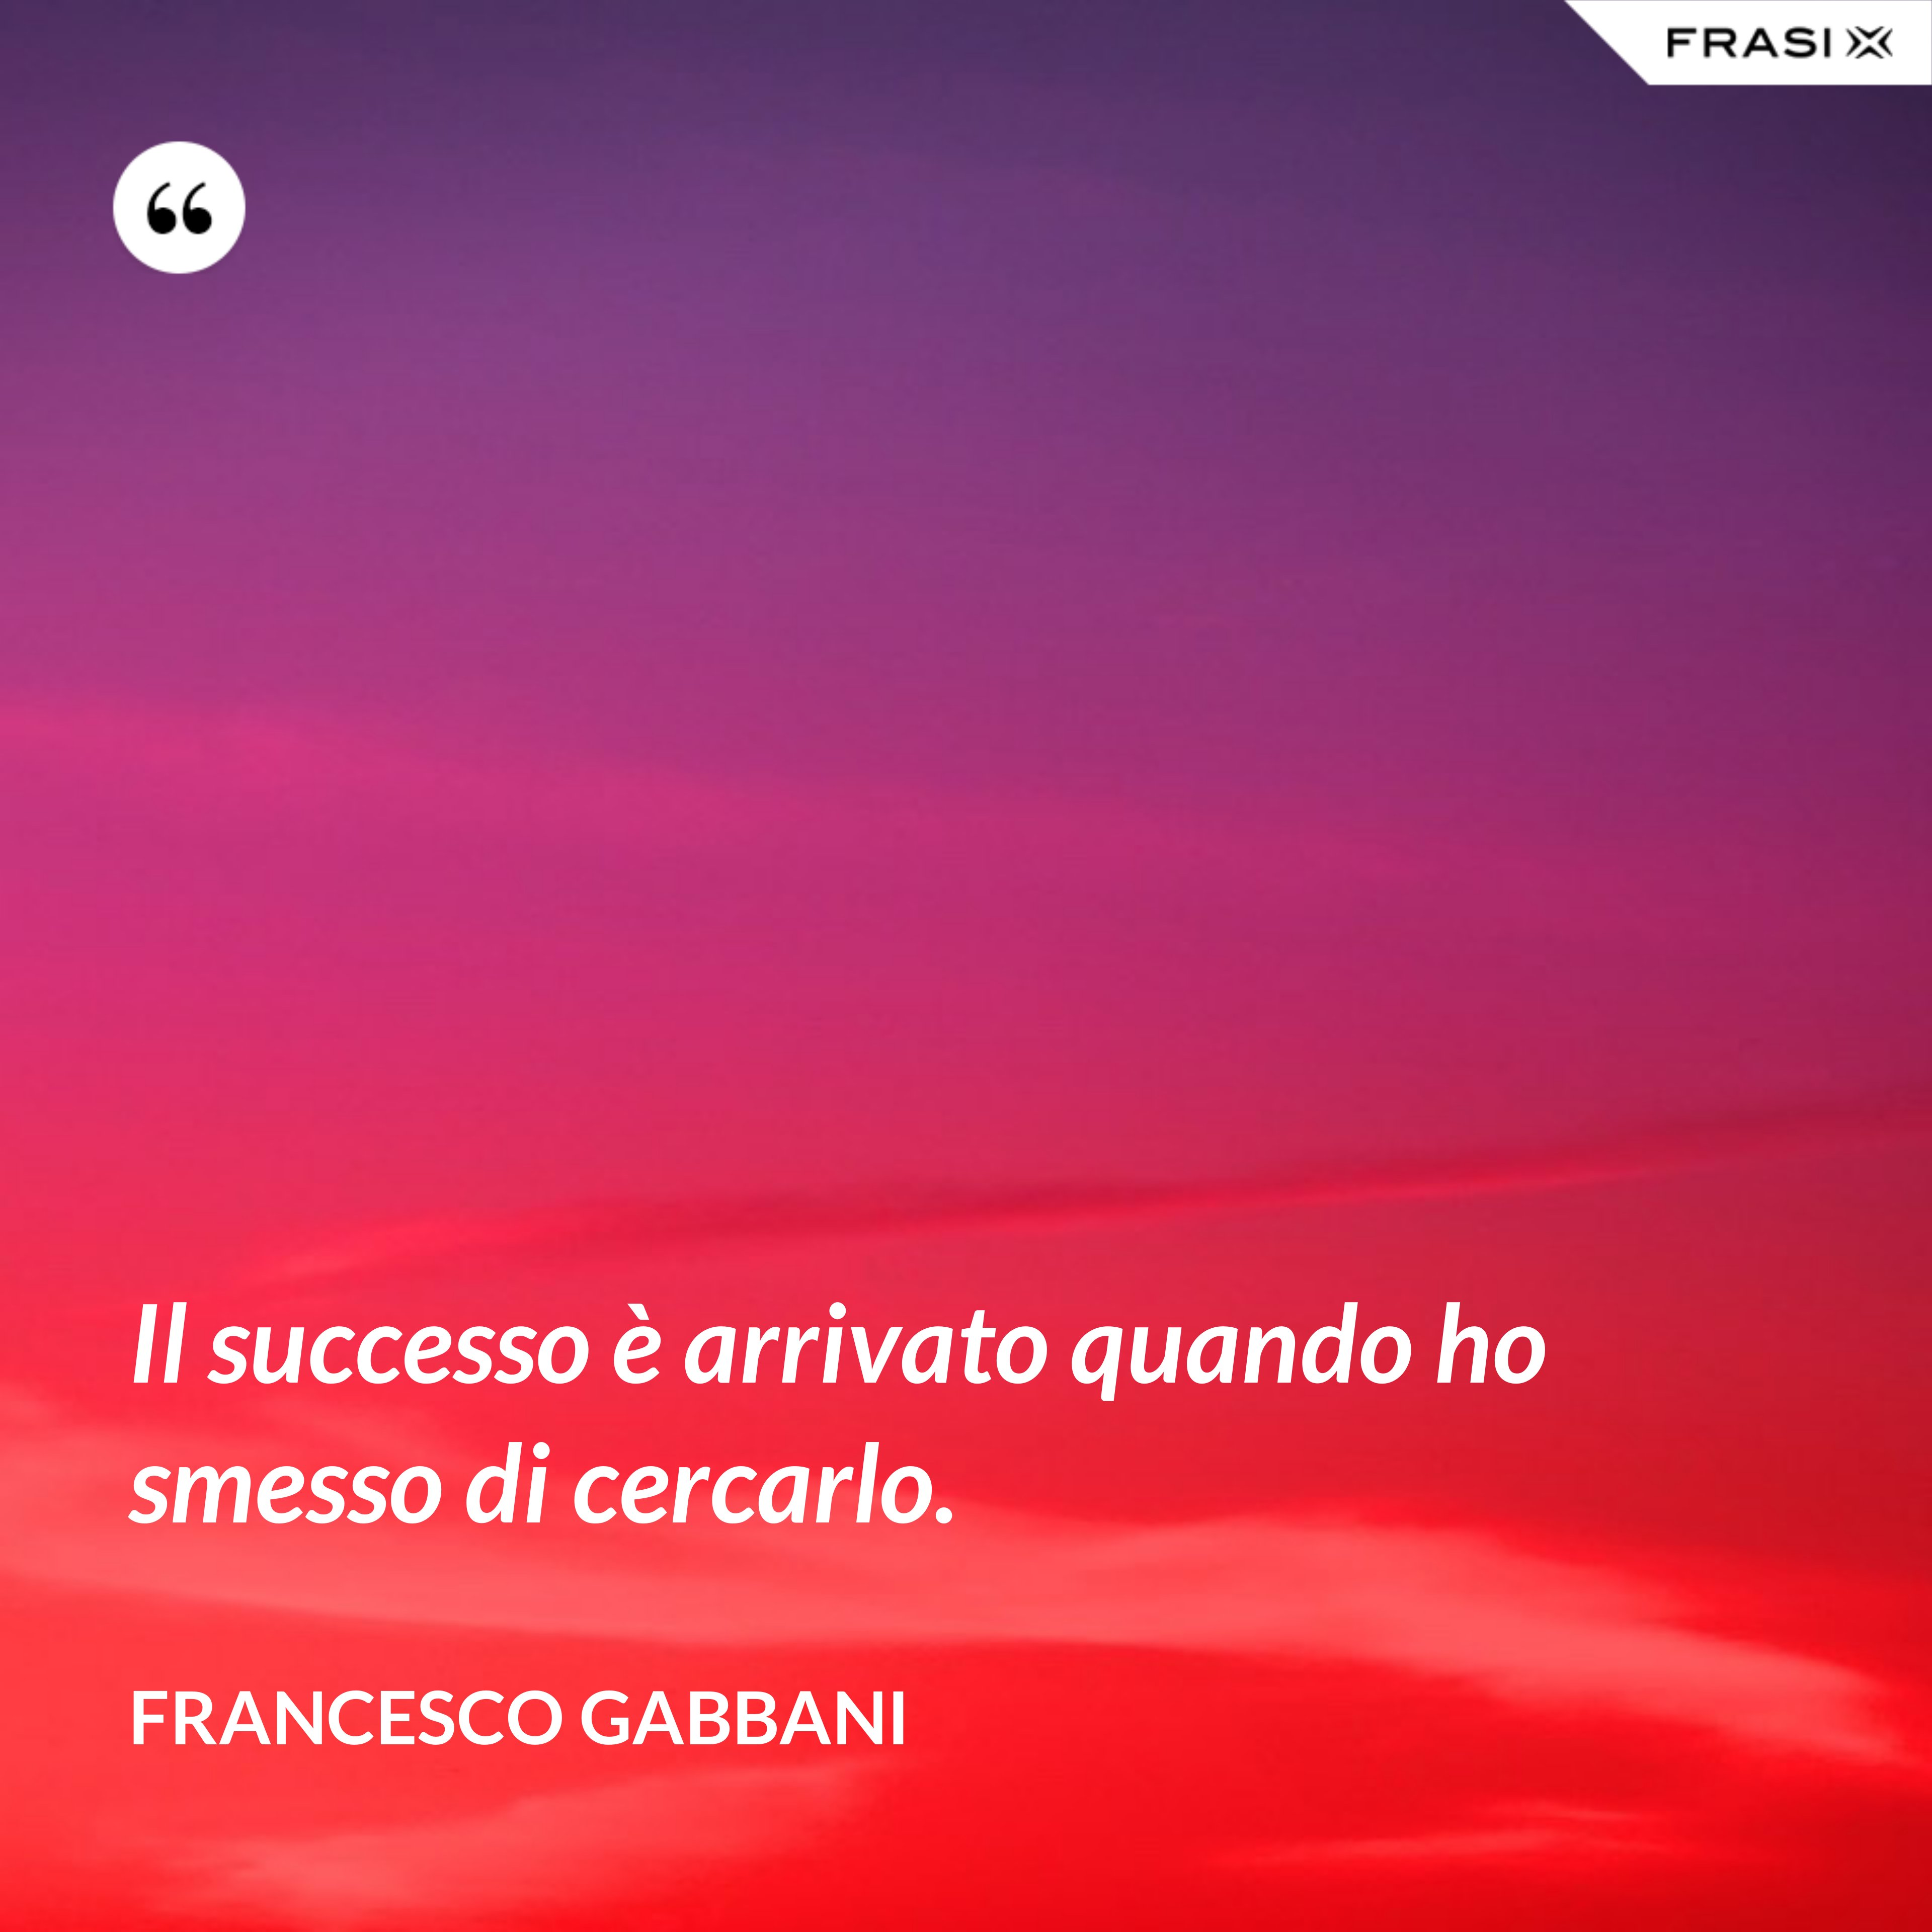 Il successo è arrivato quando ho smesso di cercarlo. - Francesco Gabbani